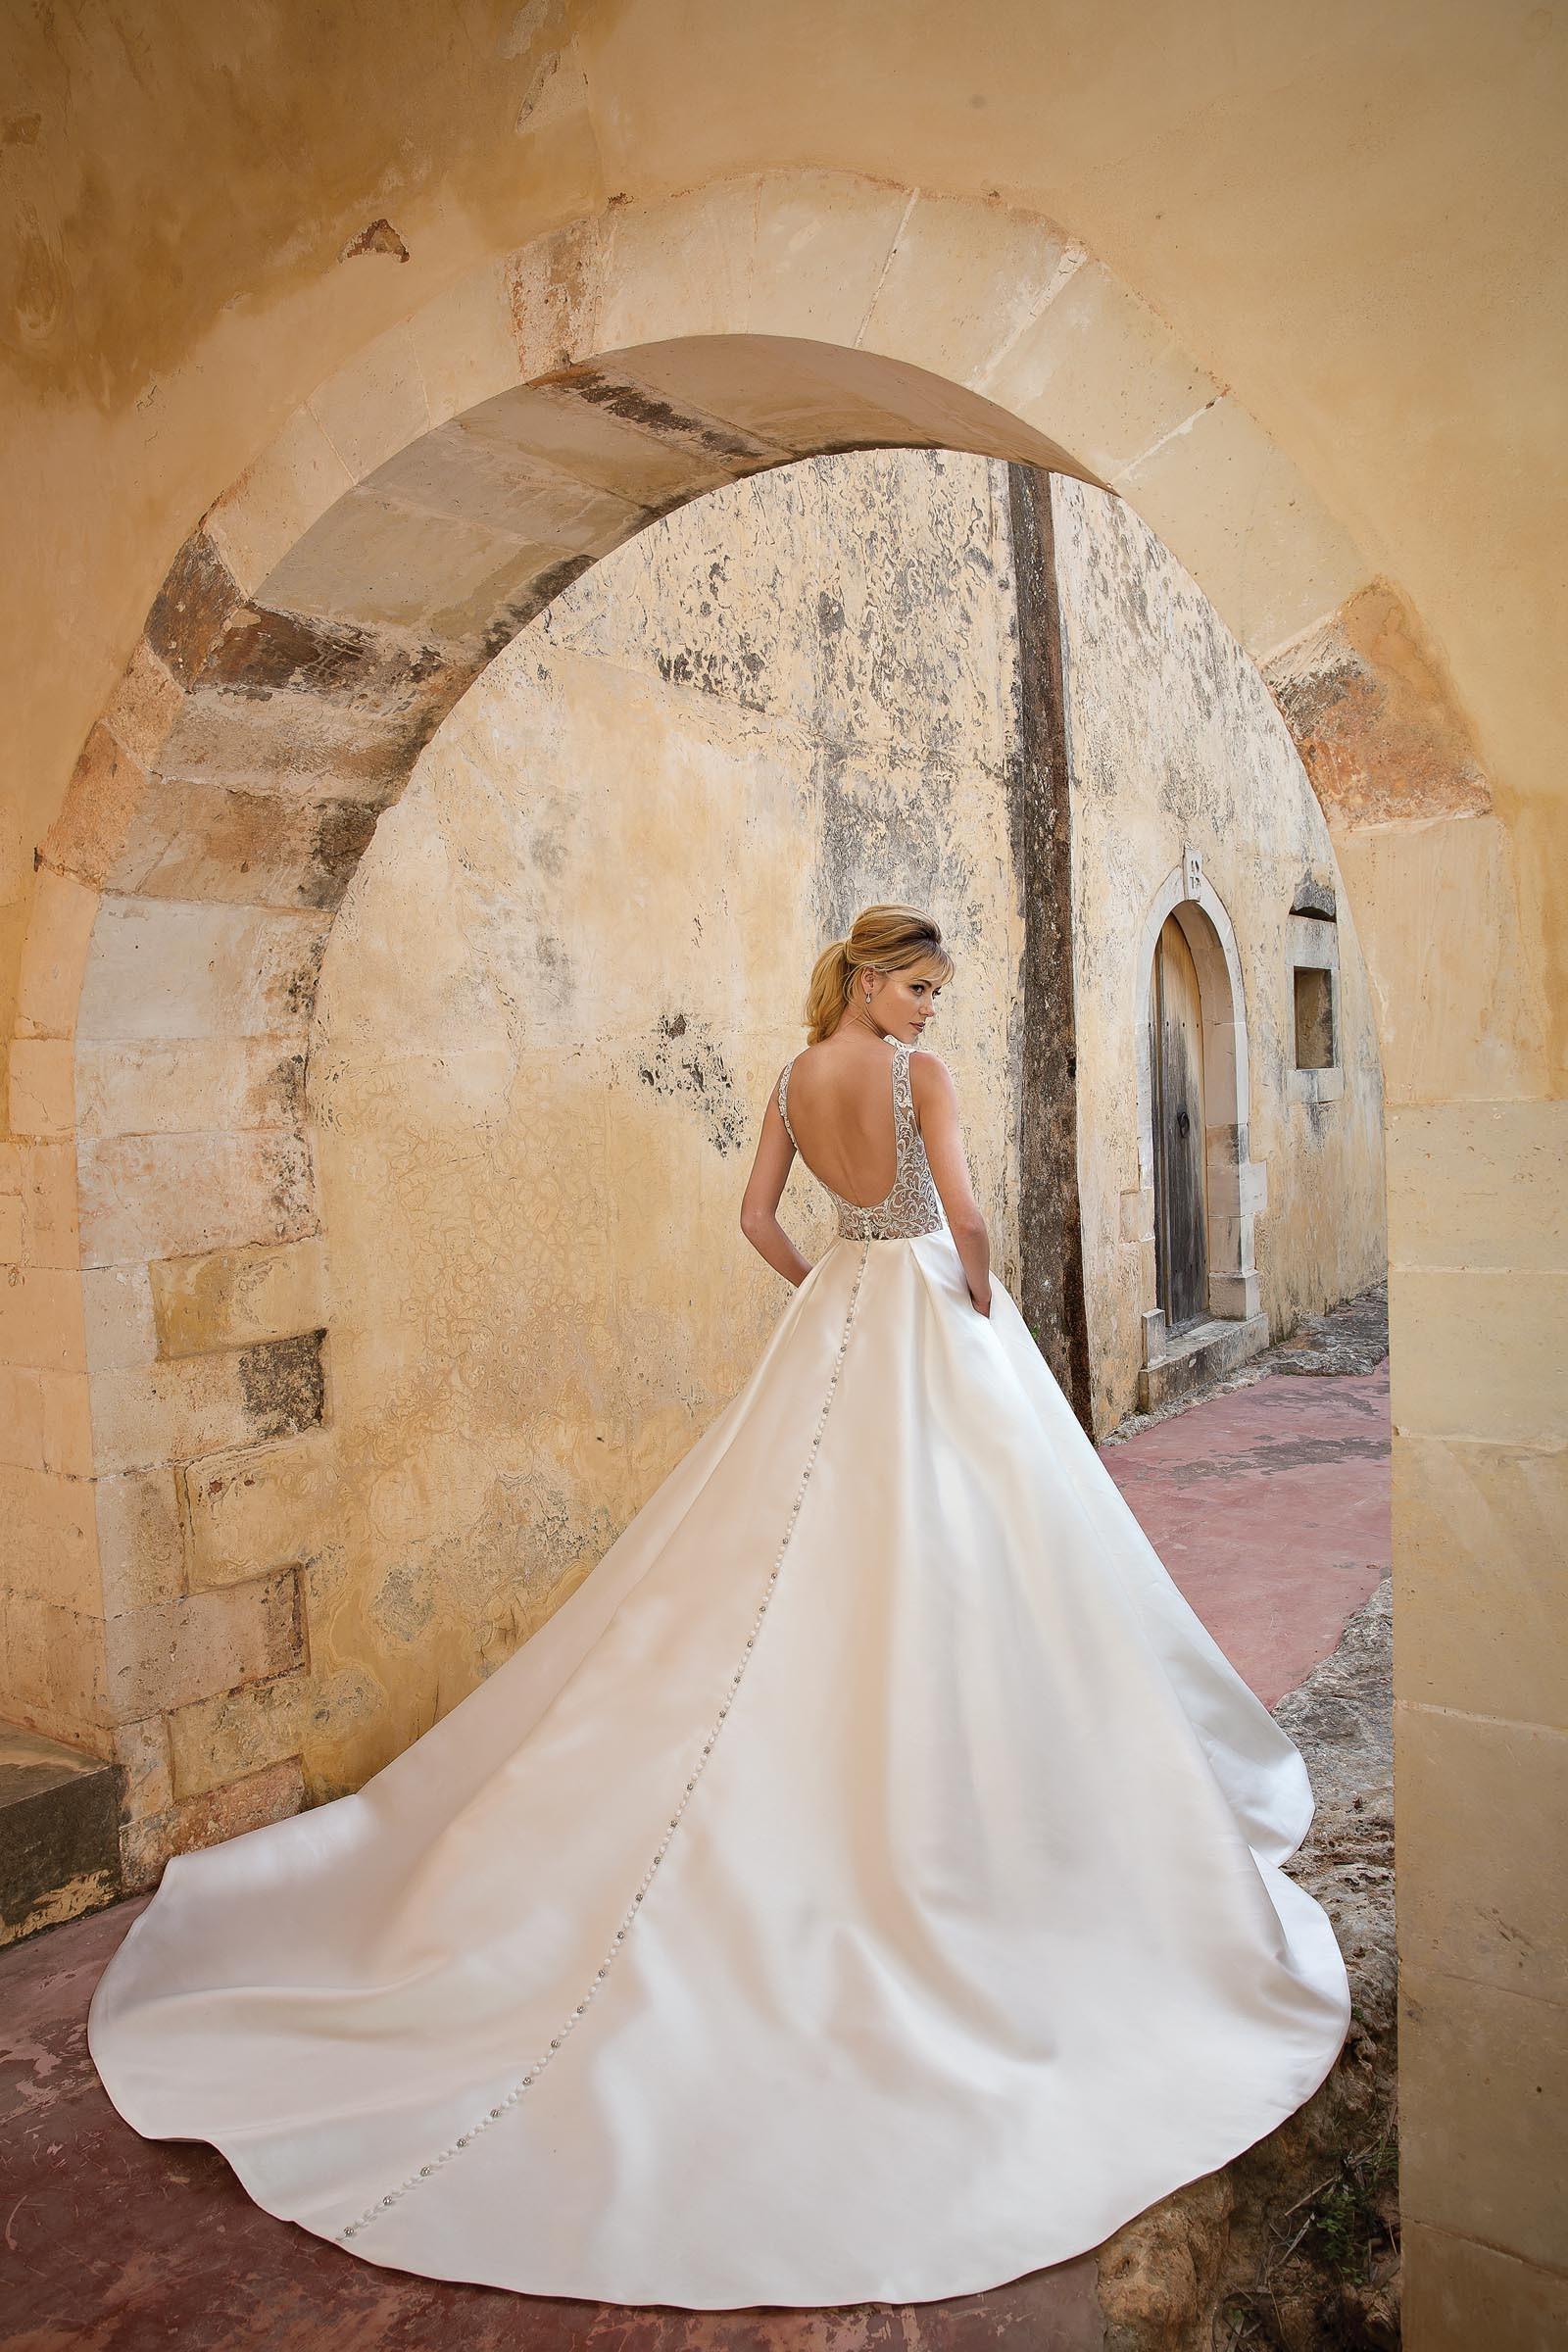 Prinzessinnen-Brautkleid mit langer Schleppe und Knopfleiste in Weiß von Justin Alexander, Modell 88038